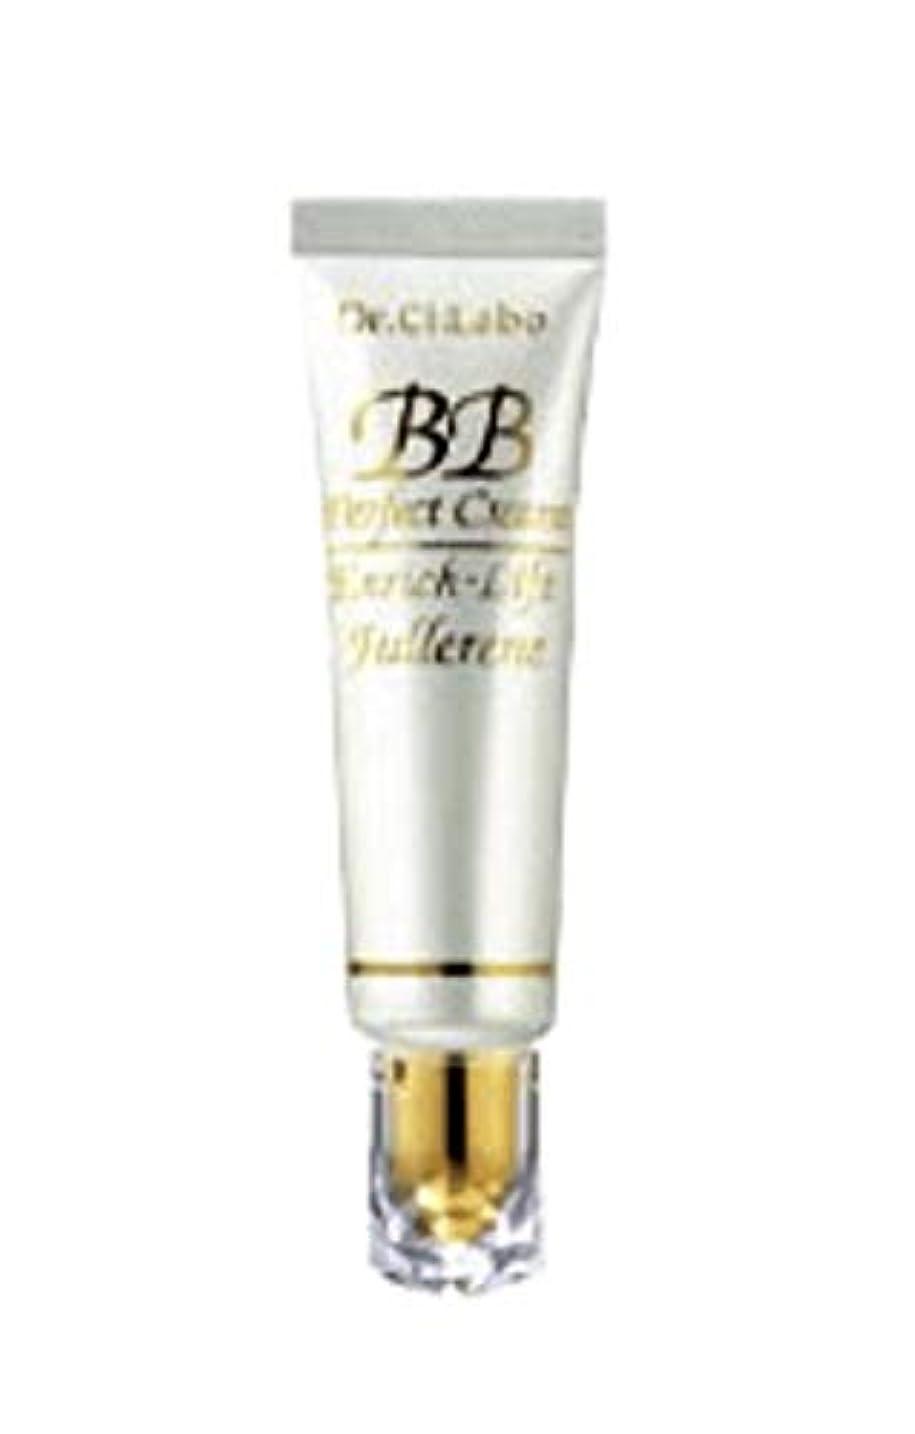 カップルファッション香水ドクターシーラボ BBパーフェクトクリームエンリッチリフト フラーレン (ファンデーション)25g 平均的な肌色の方 SPF40 PA++++ ハリ肌ケアBBクリーム ウォータープルーフ